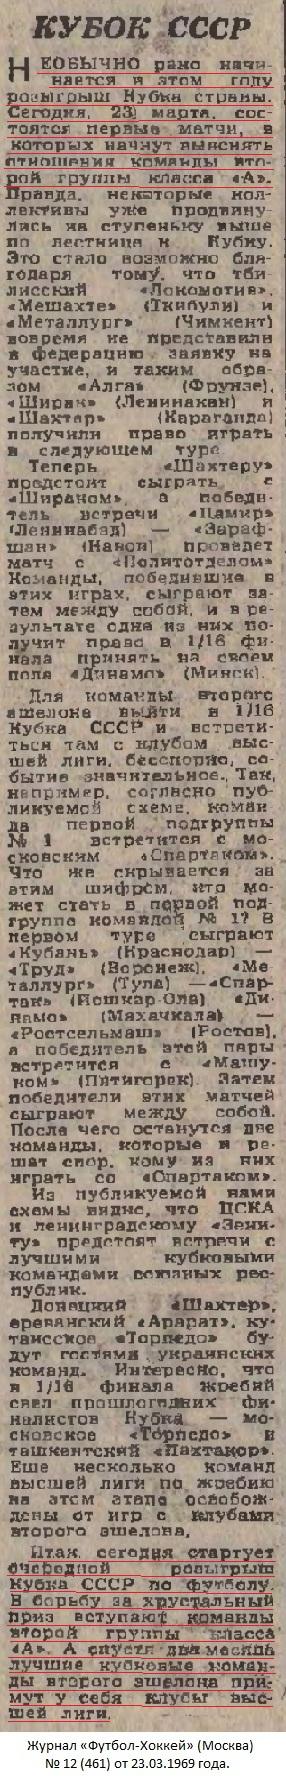 Полад (Сумгаит) - Восток (Усть-Каменогорск) 0:0 д.в.